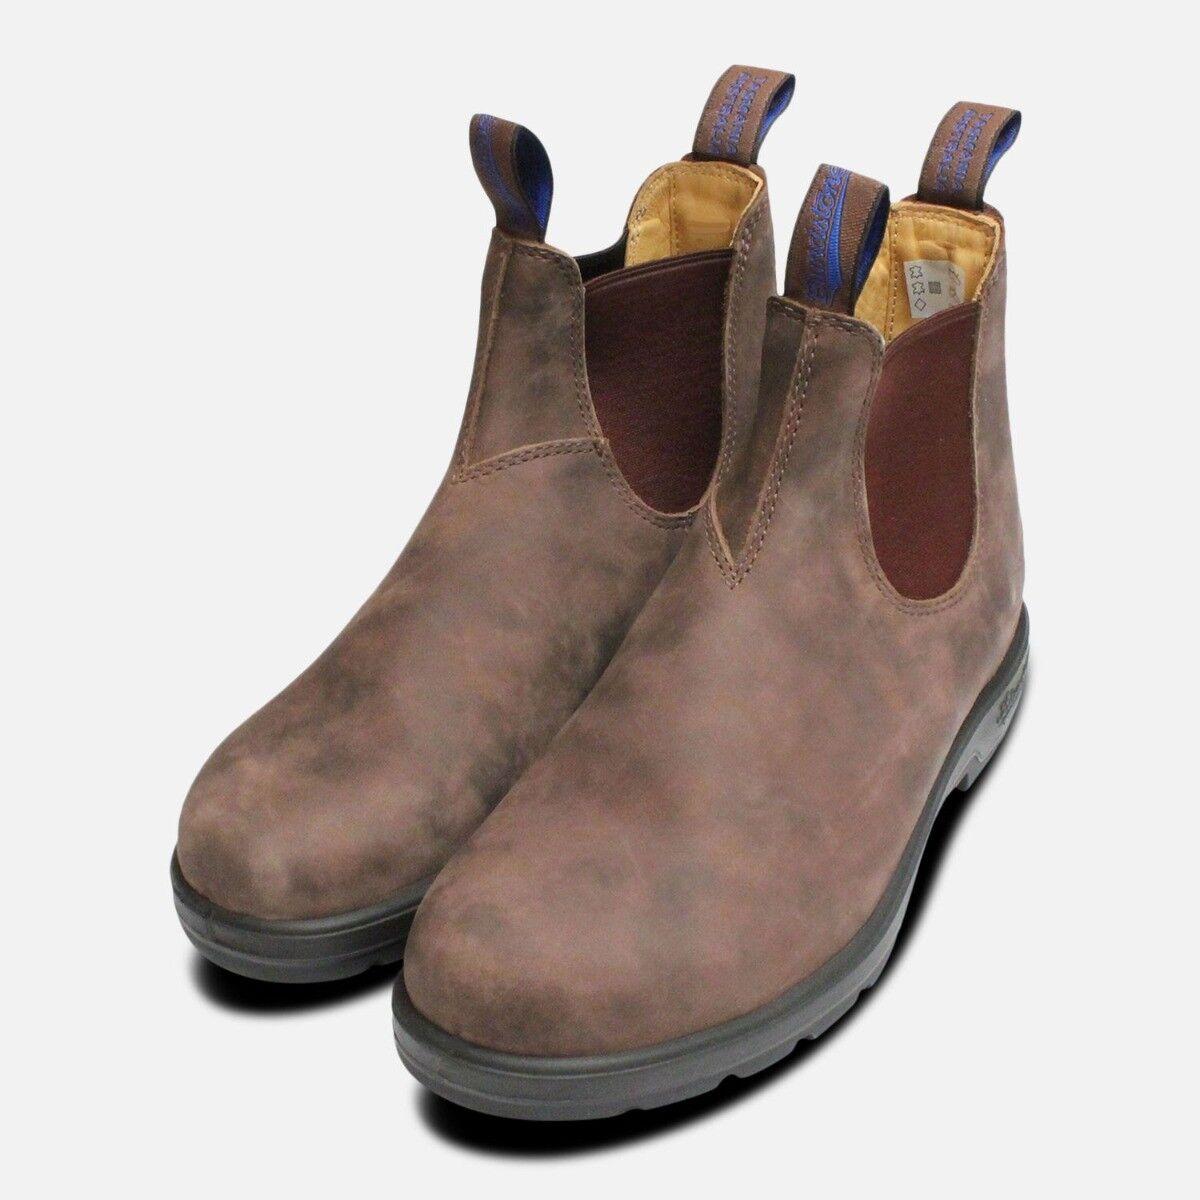 Aislado y Resistente al Agua Marrón Rústico botas de azulndstone